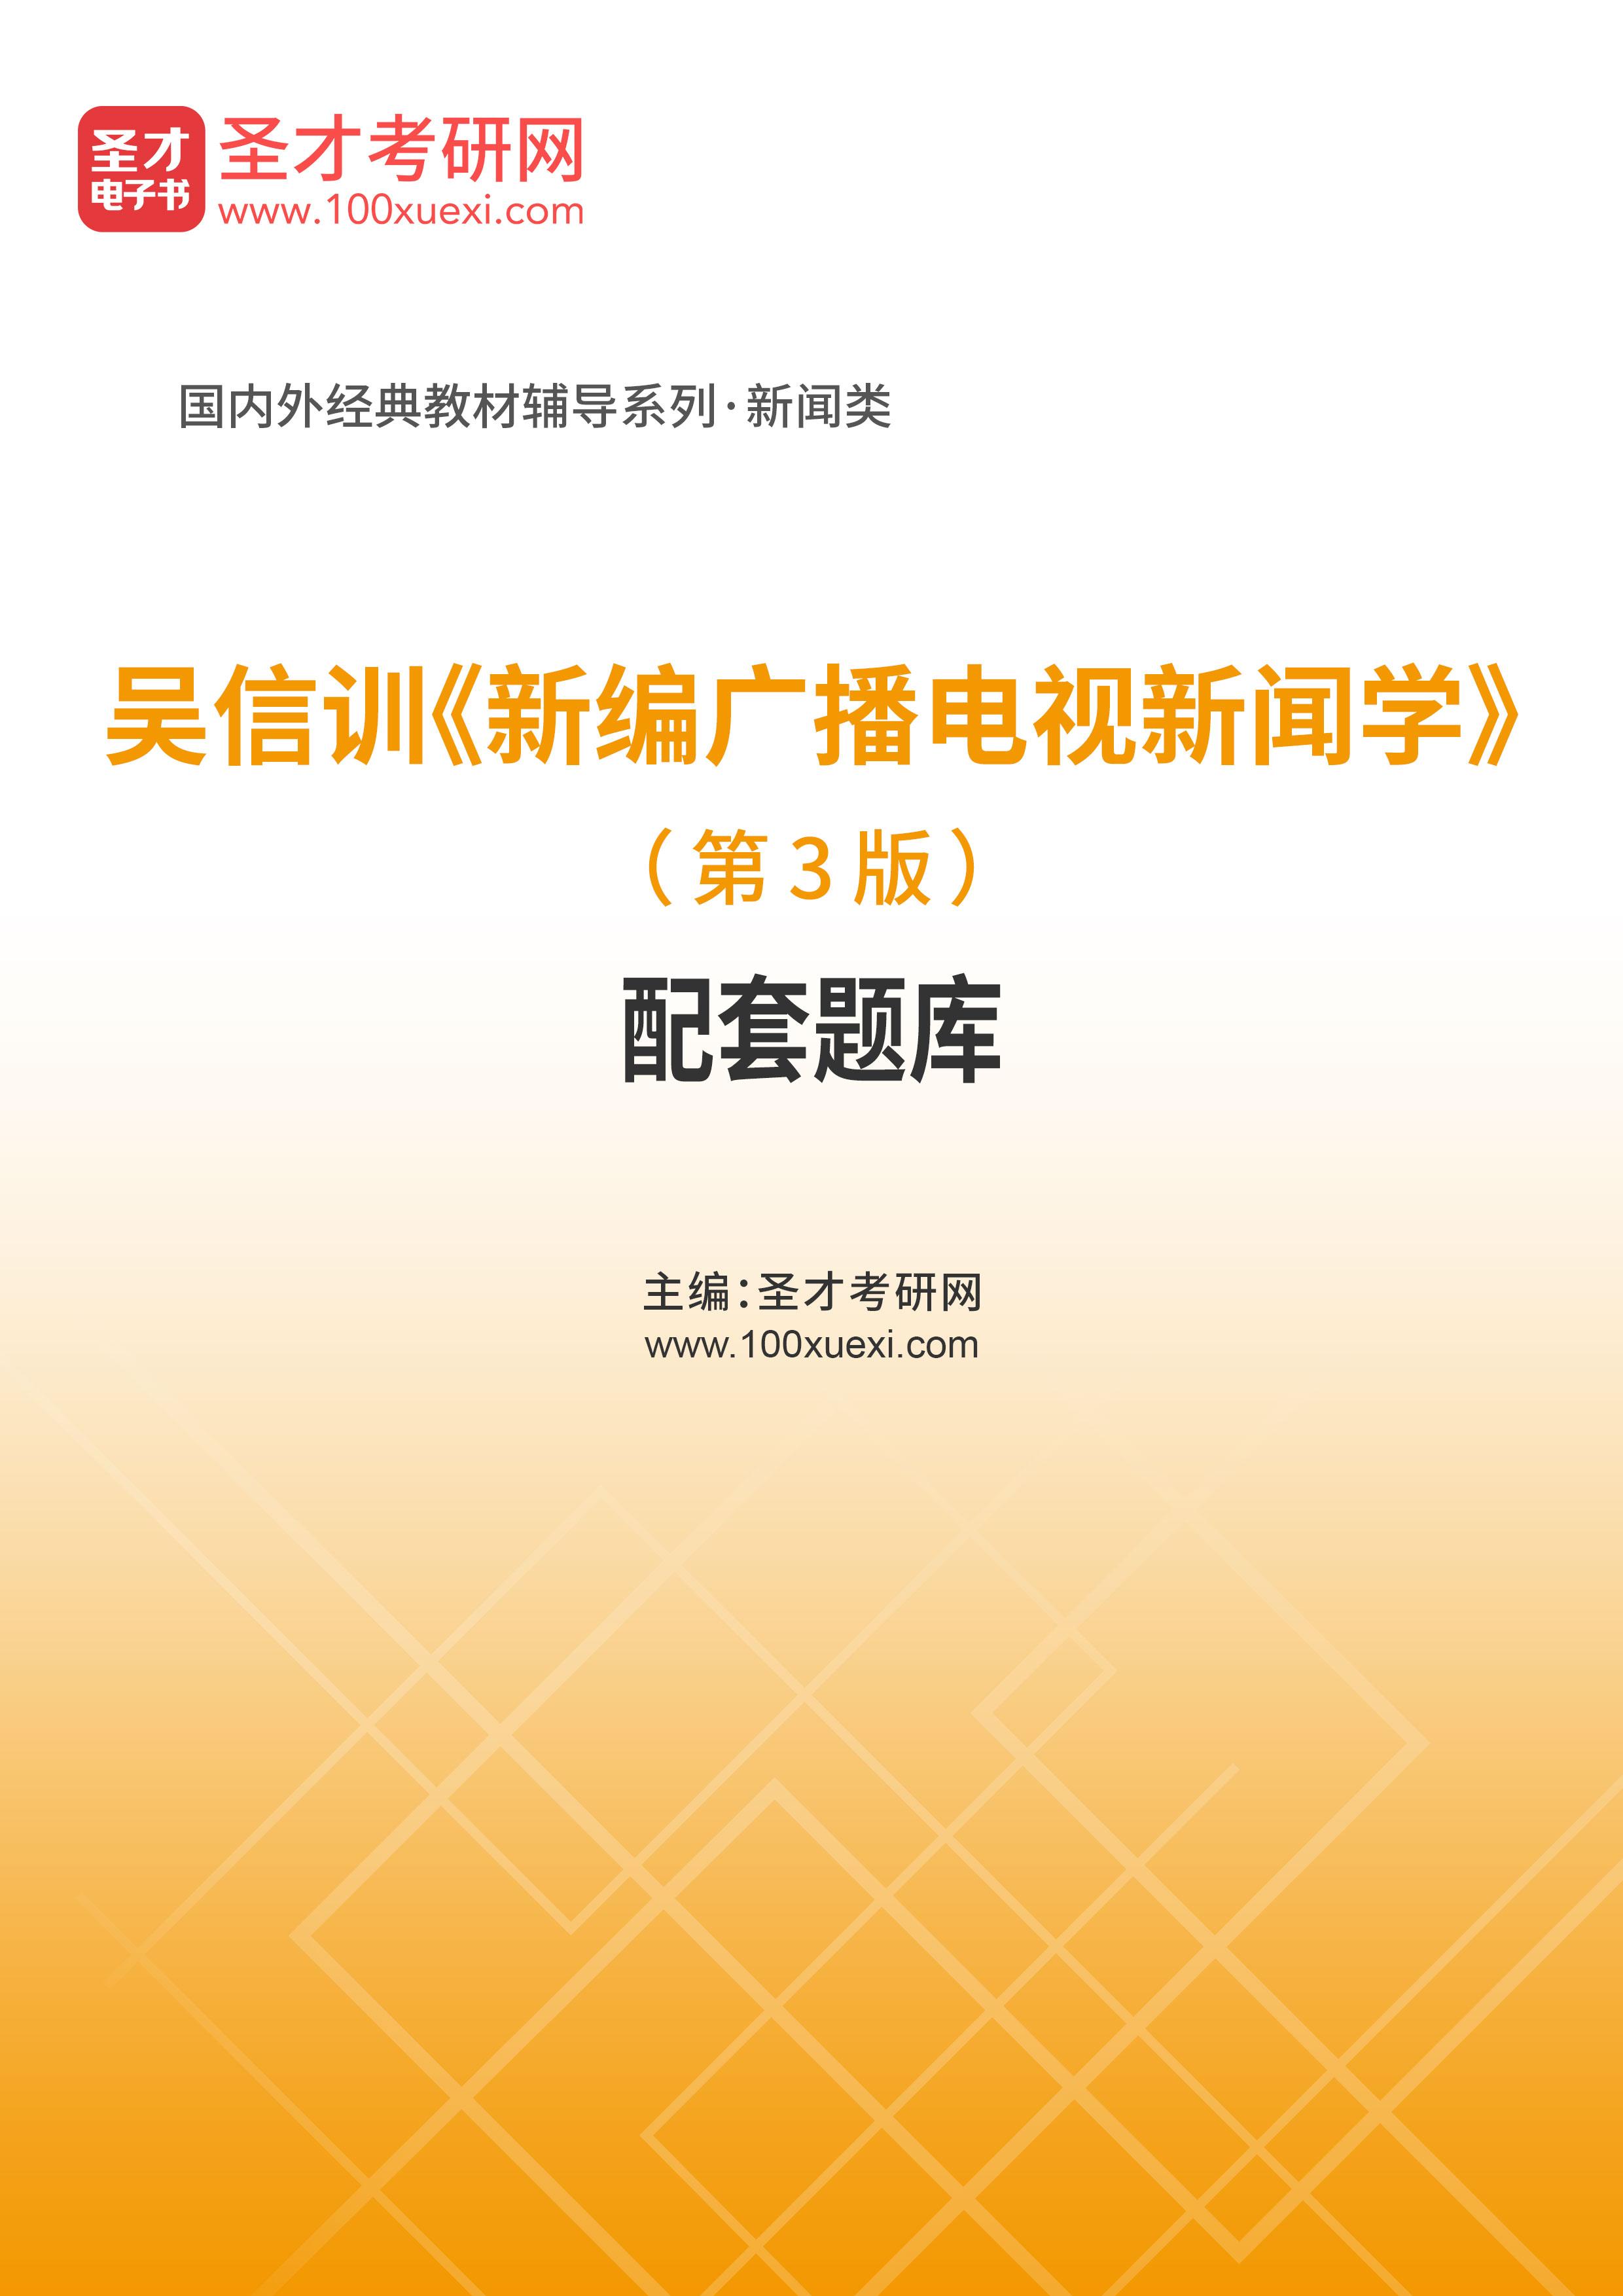 吴信训《新编广播电视新闻学》(第3版)配套题库